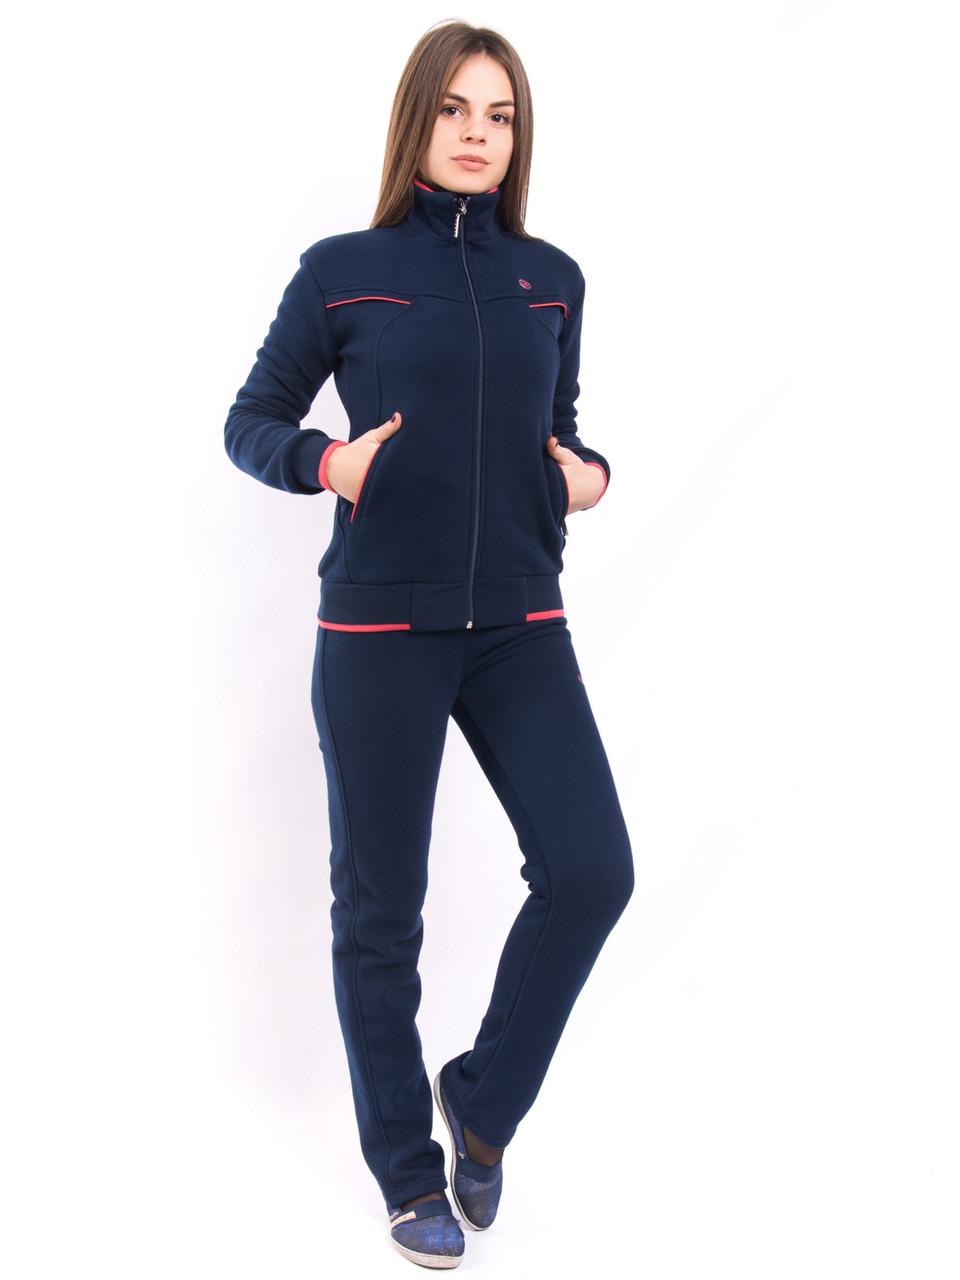 4c9d41e63e18 Женские теплые спортивные костюмы трехнитка 5041 - Оптово-розничный  интернет-магазин спортивной одежды